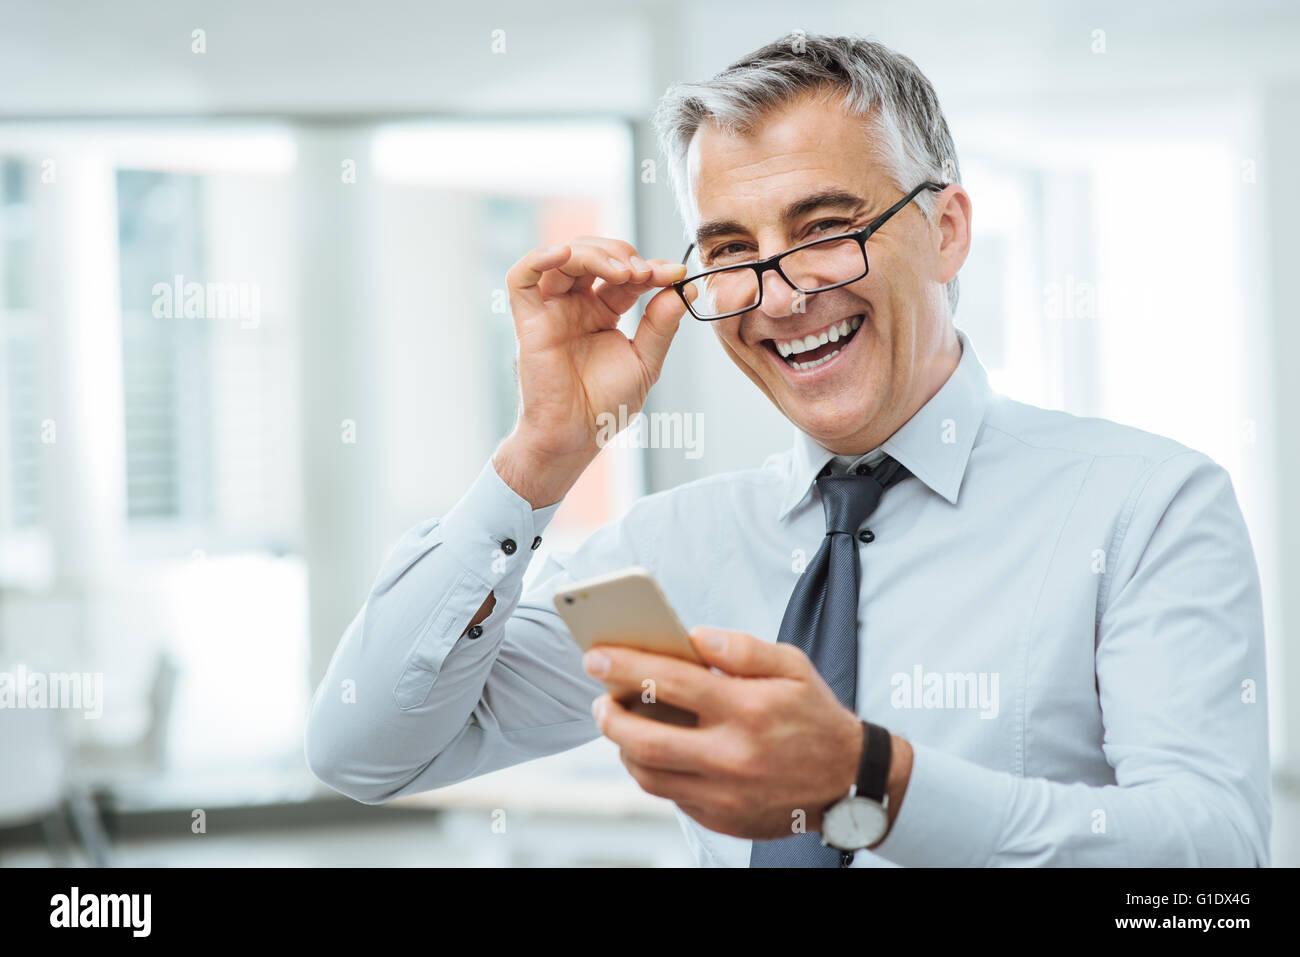 Smiling businessman with vision des problèmes, il s'ajuste ses lunettes et lire quelque chose sur son téléphone Photo Stock